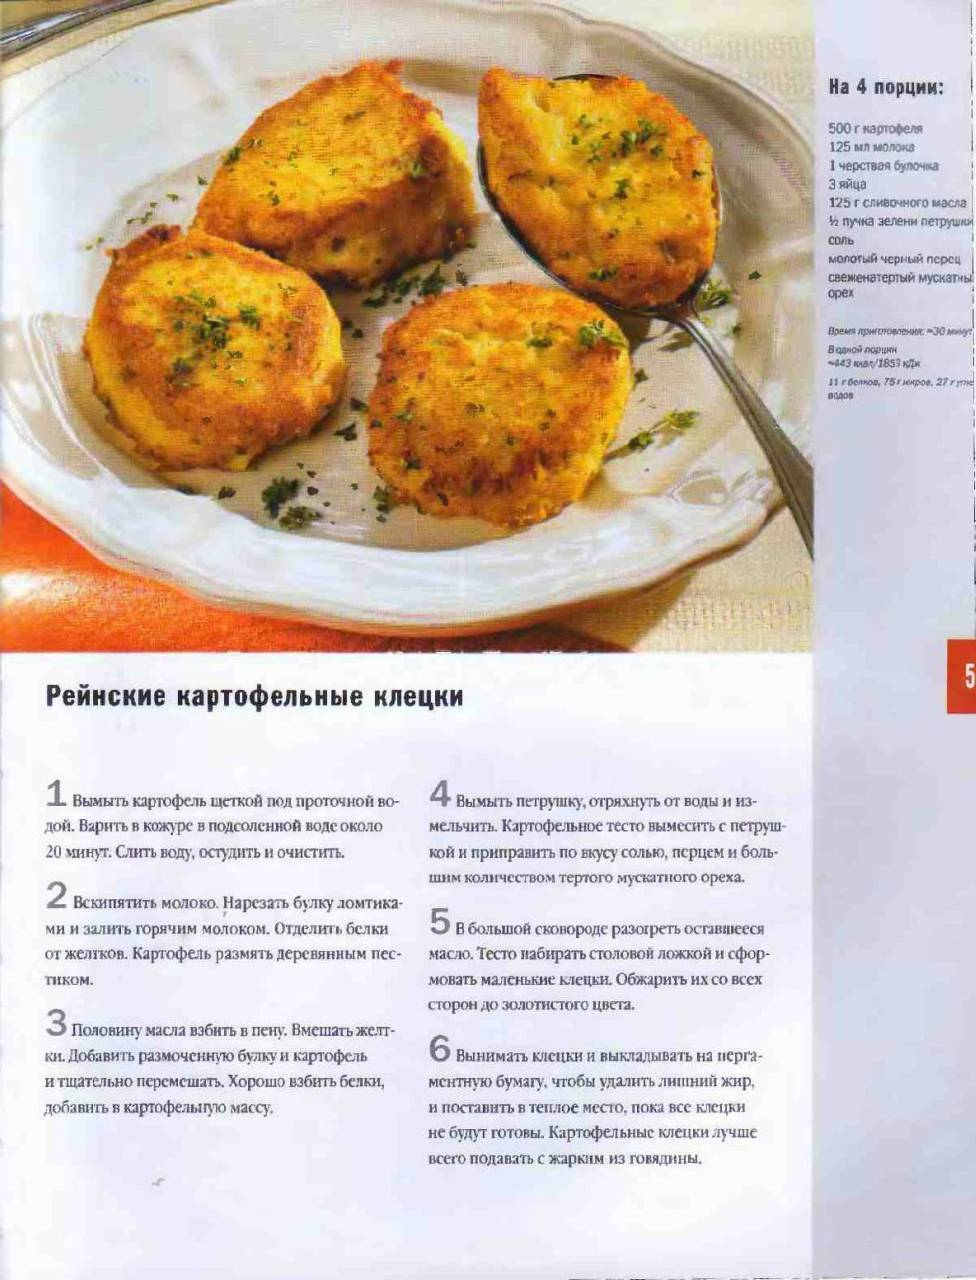 Как приготовить налима вкусно. как правильно и вкусно приготовить налима в домашних услових. в данной статье подробно описано, как вкусно приготовить налима в домашних условиях.